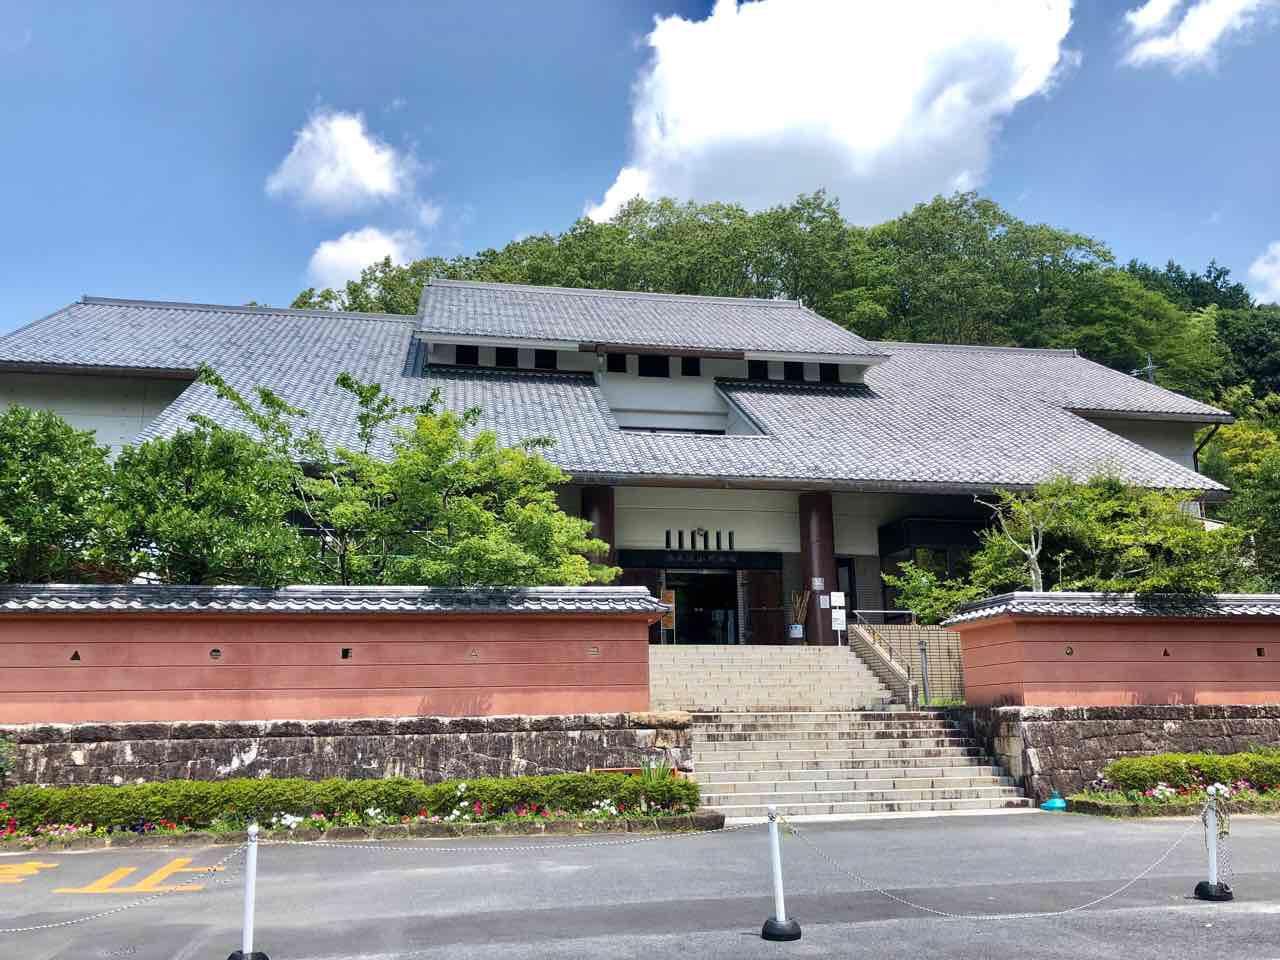 苗木遠山資料館の建物